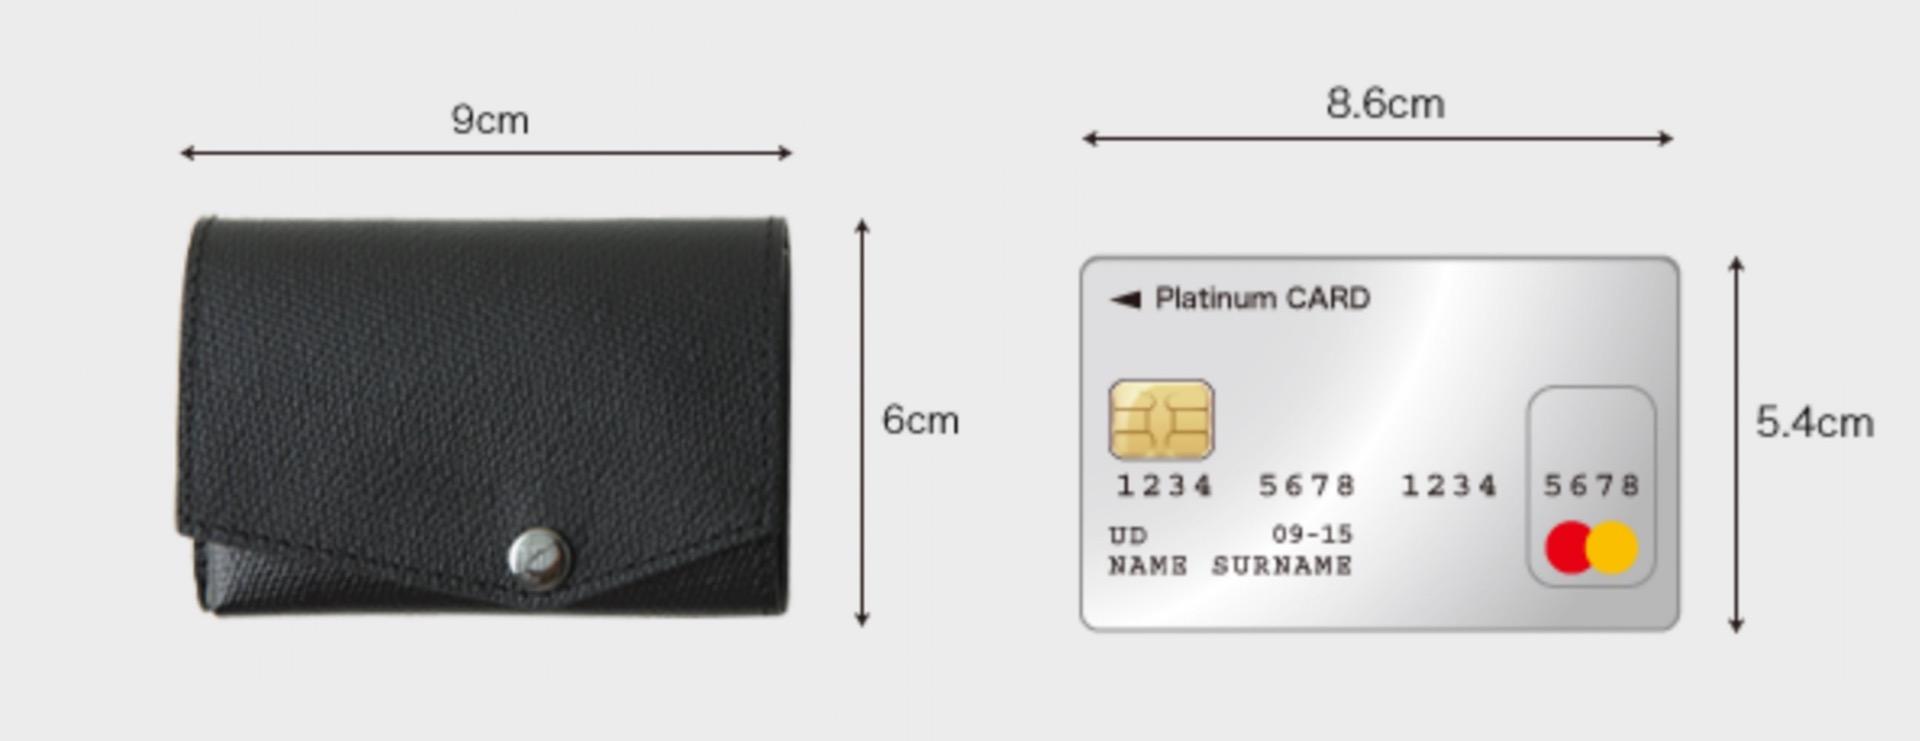 小さい財布とカードのサイズを比較した画像